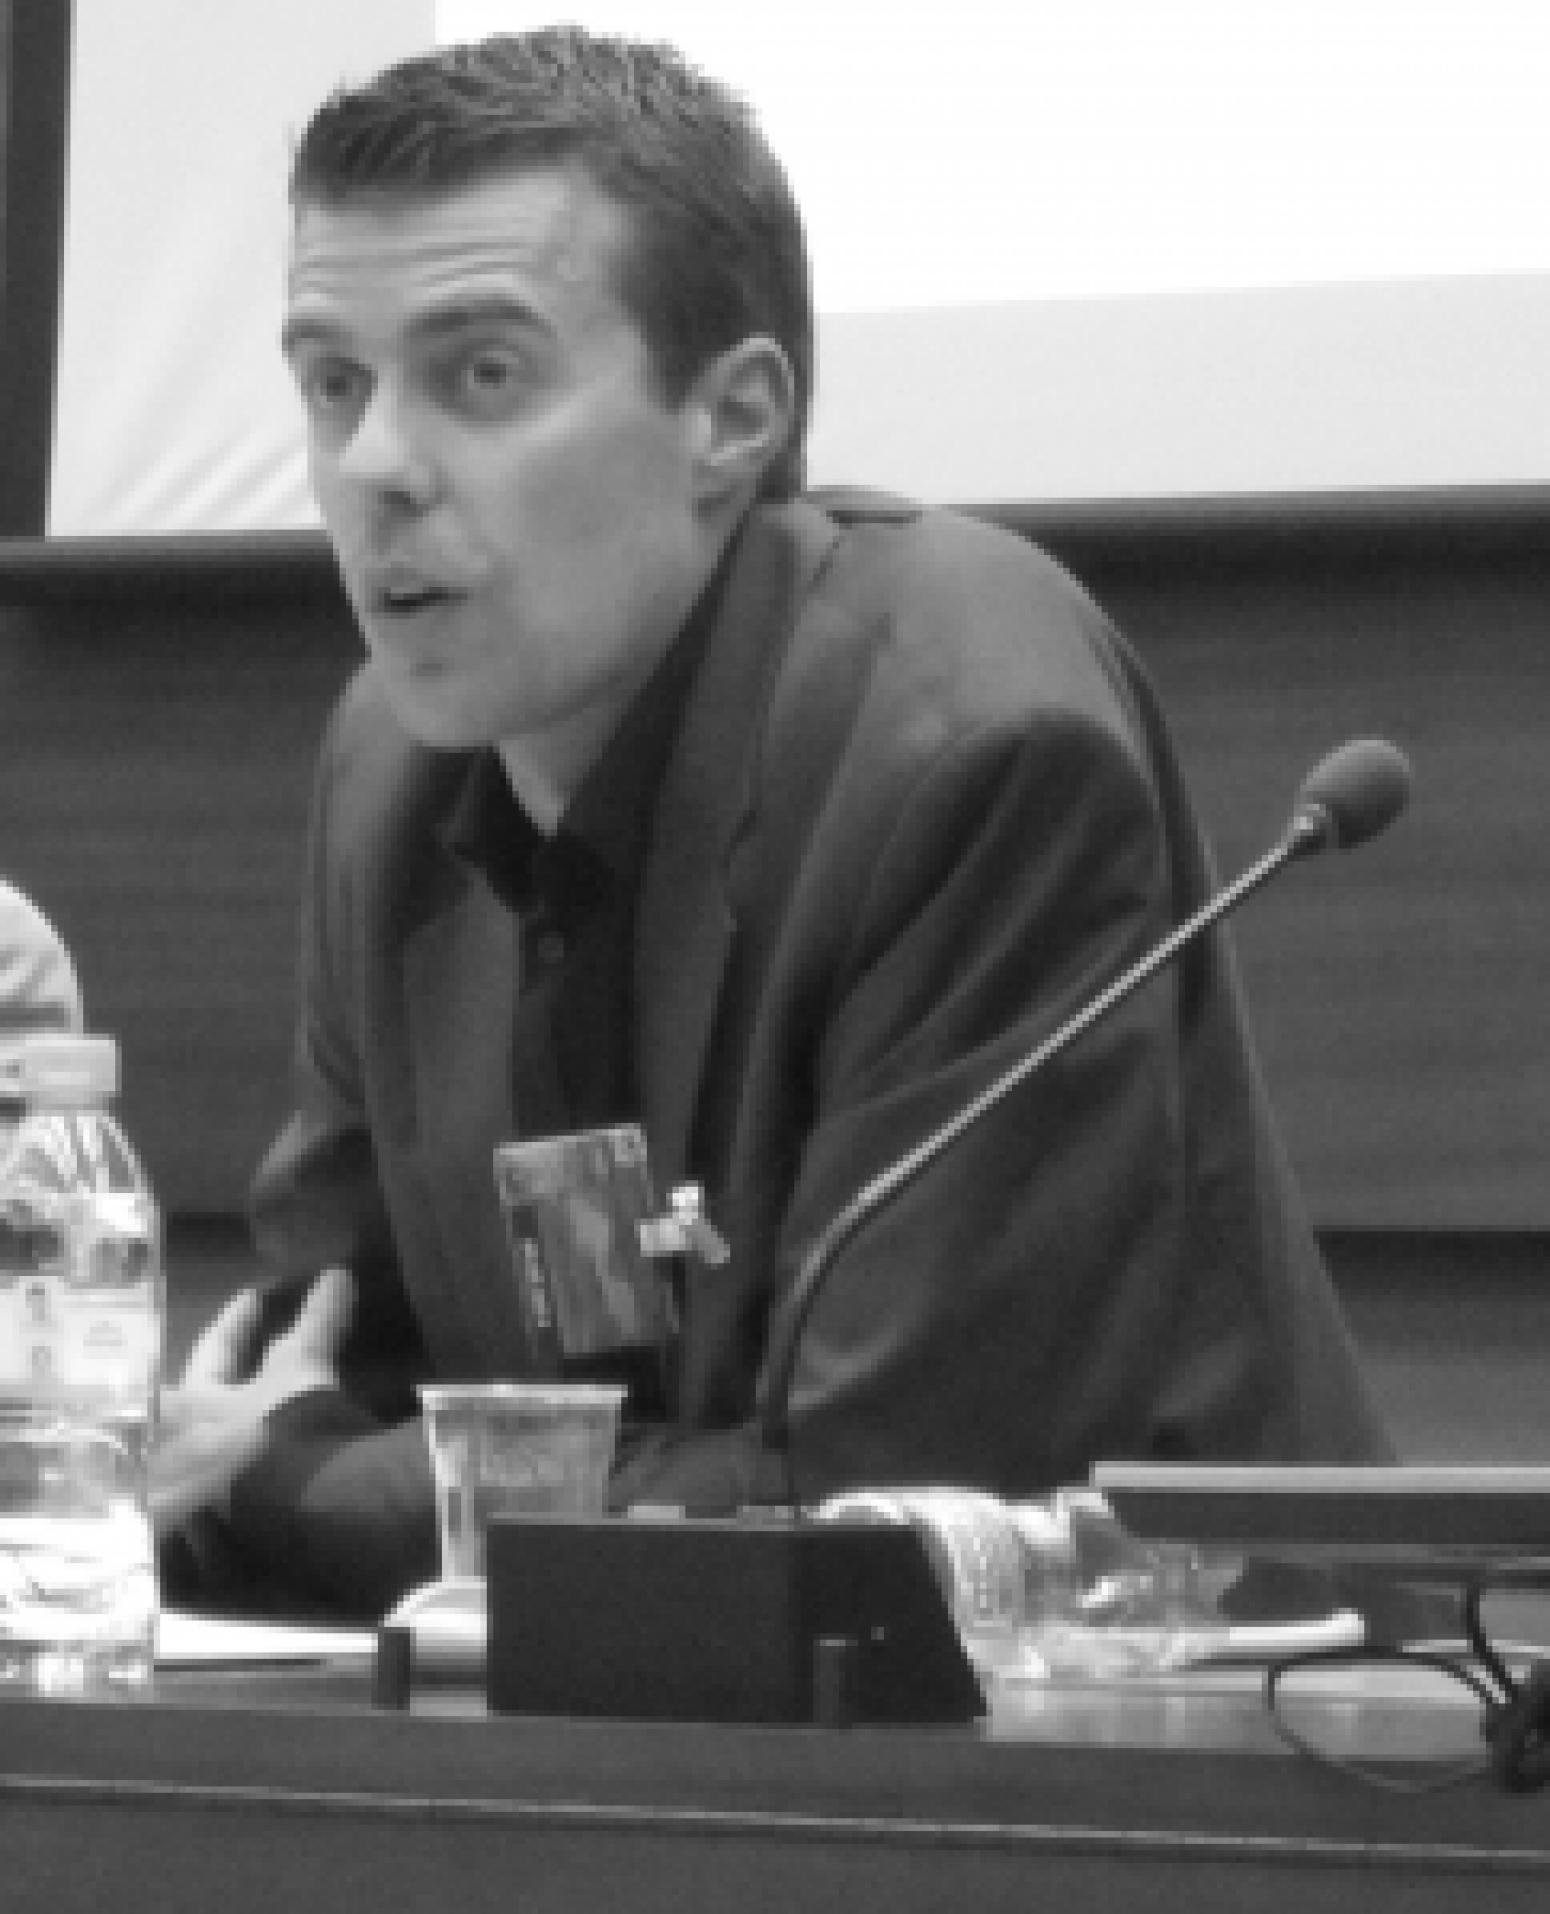 Ken Matthysen